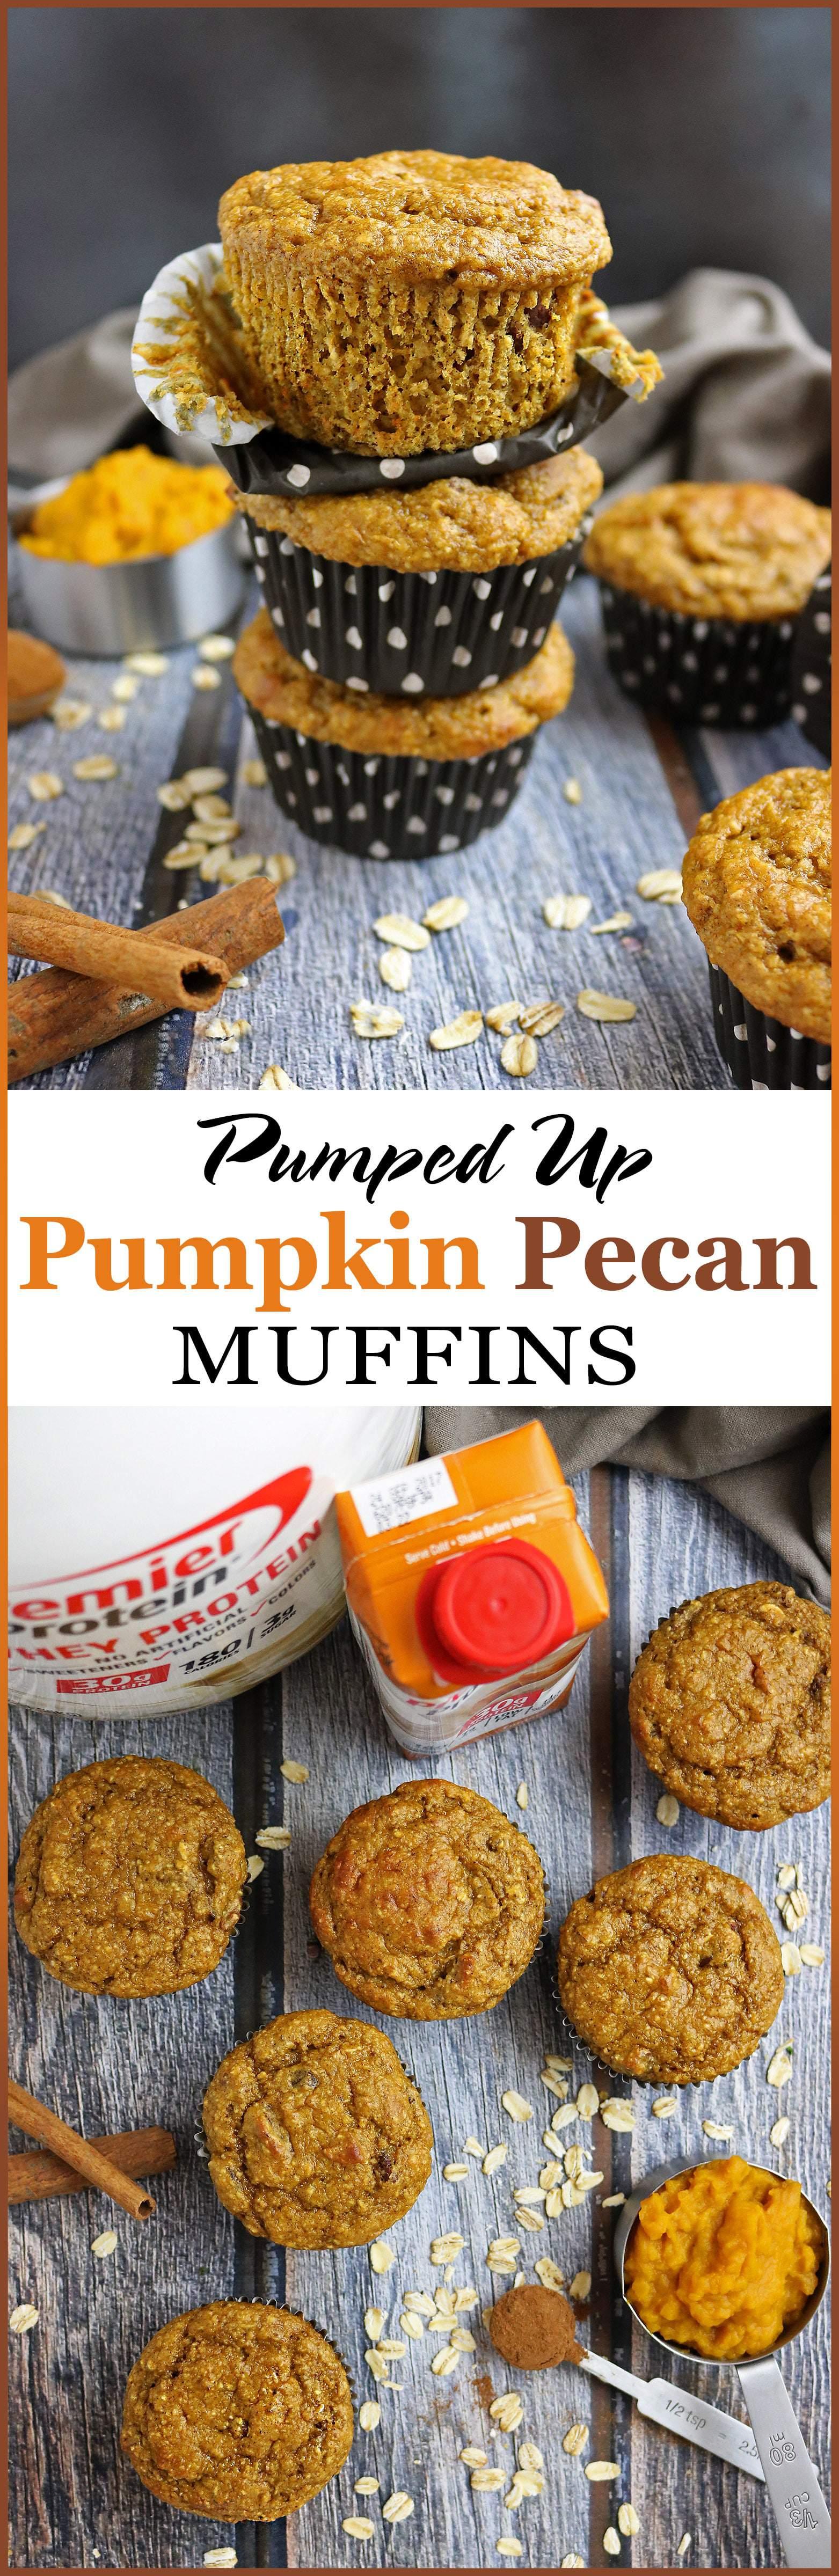 Pumpkin Pecan Muffins With Premier Protein